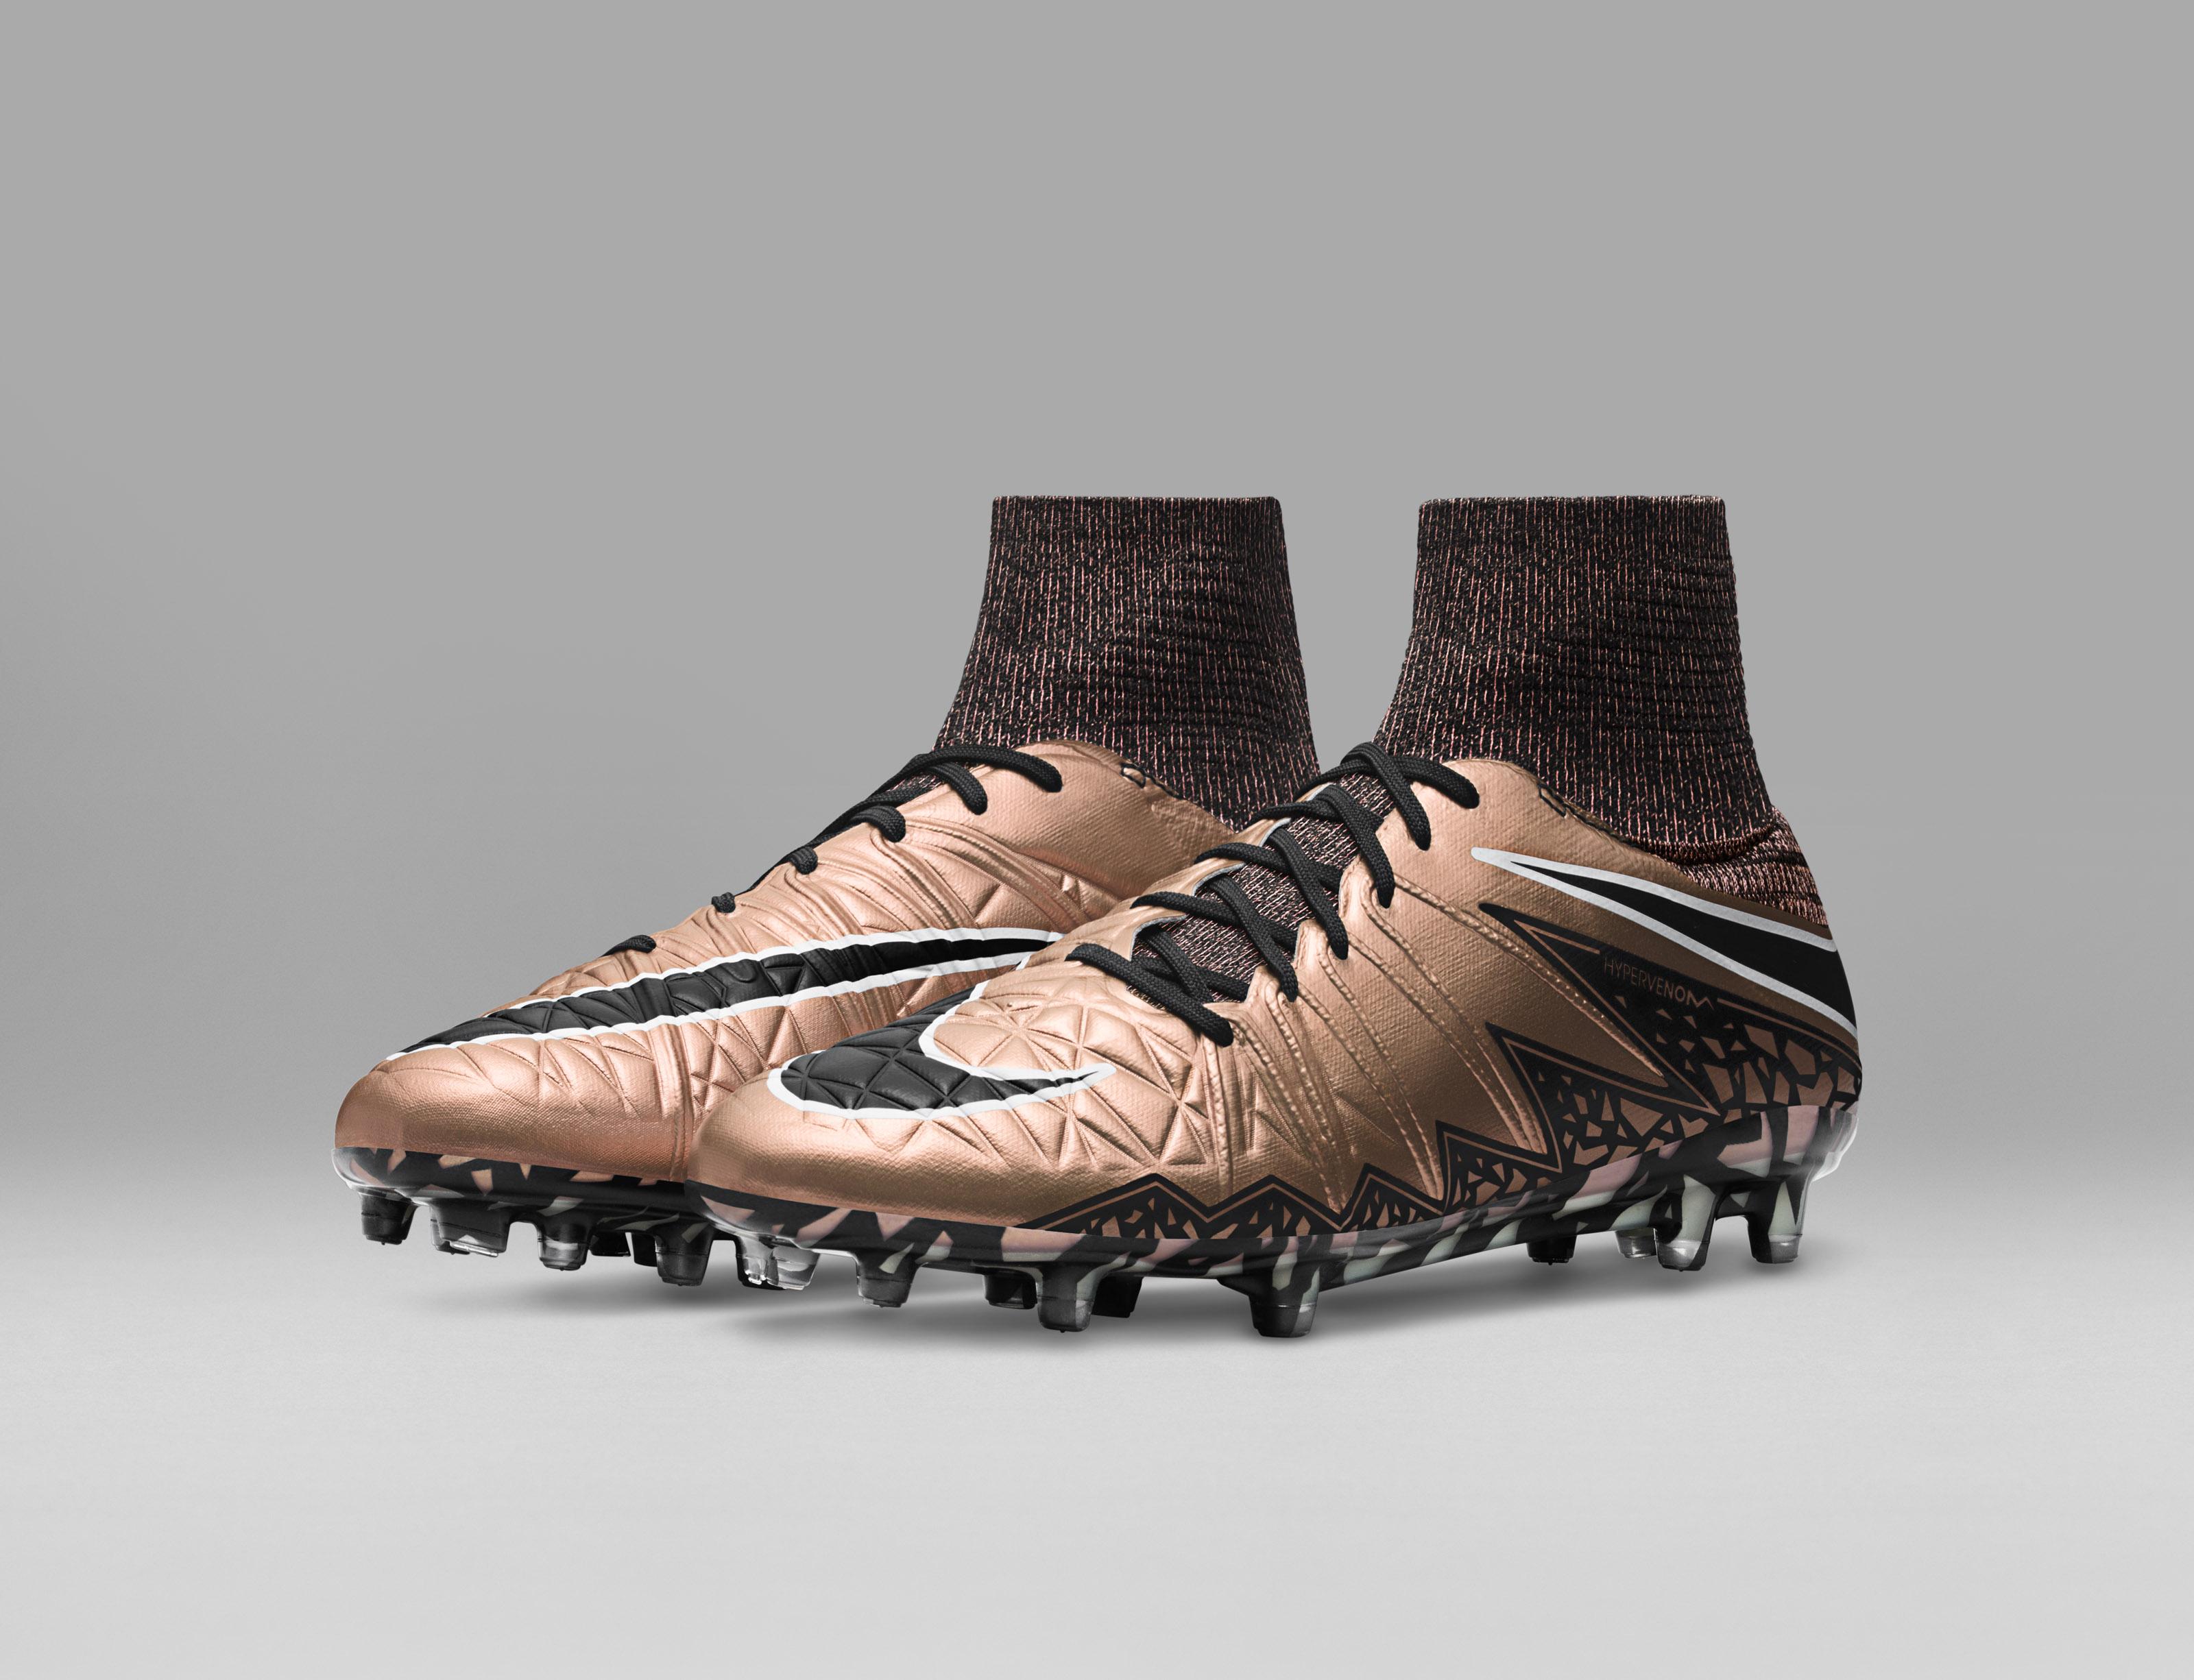 Nike_Football_LIQUID_CHROME_HYPERVENOM_PHANTOM_FG_747213_903_E_original